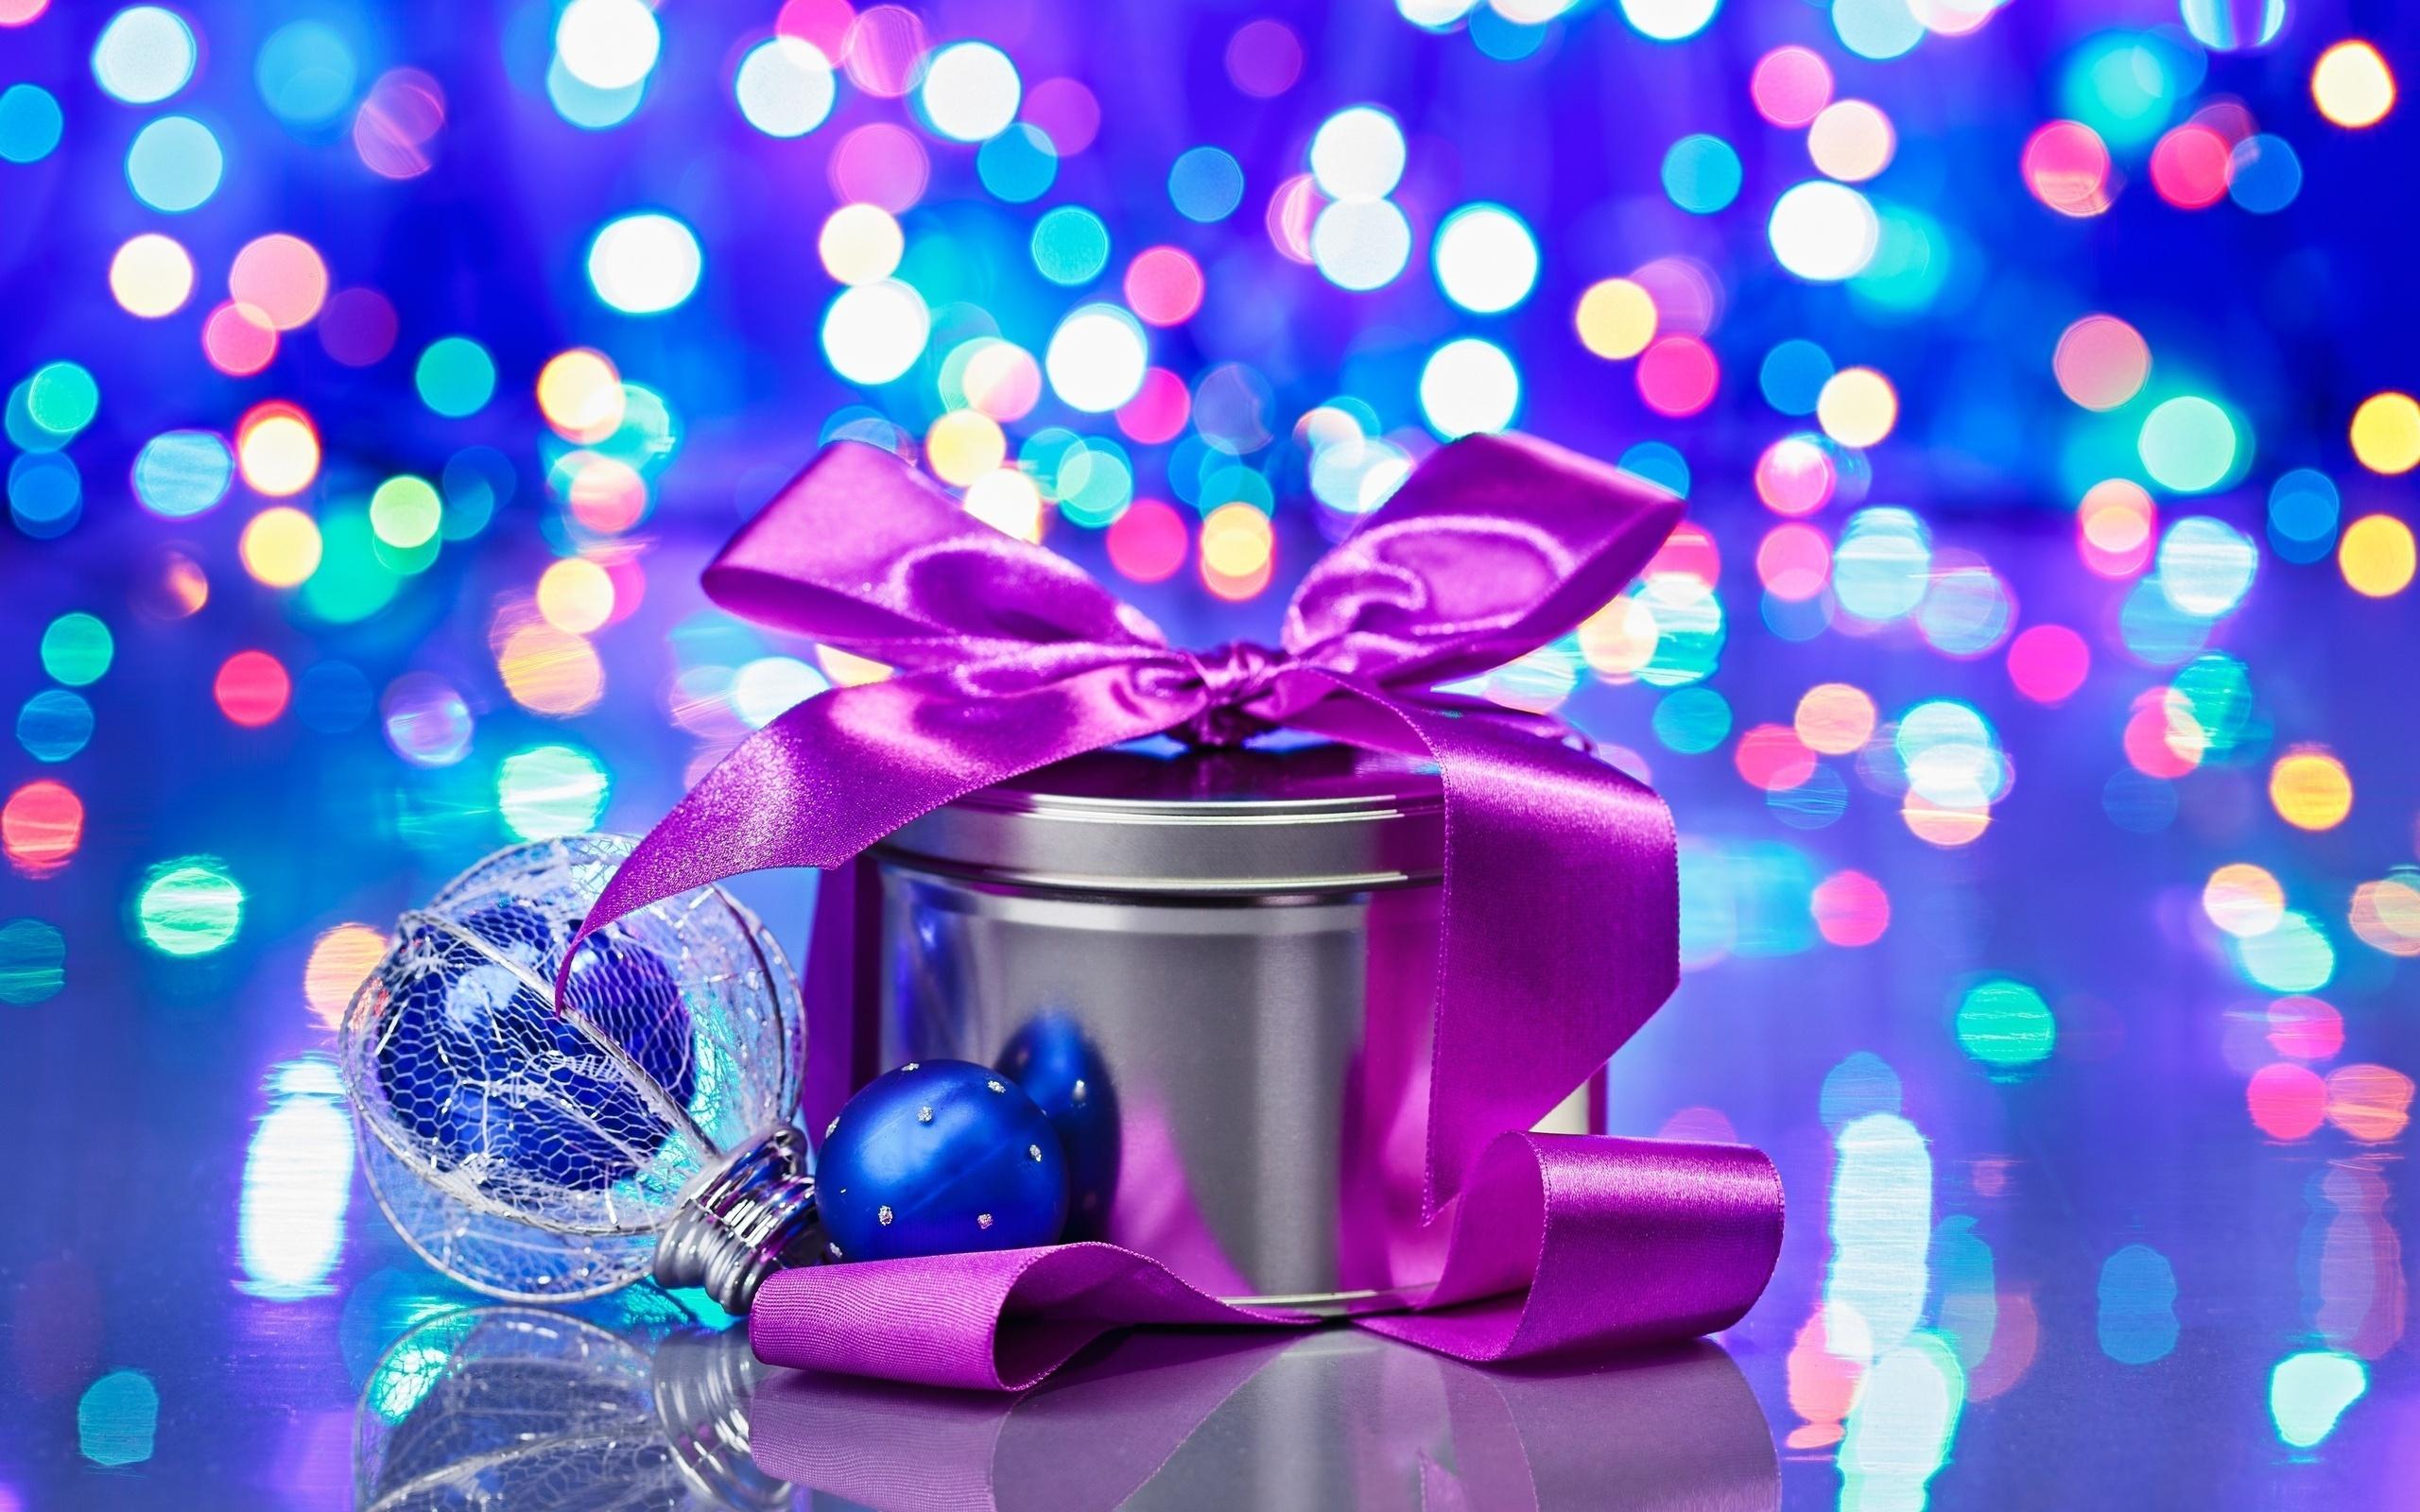 Картинки новогодние с днем рождения, день кадета воскресеньем